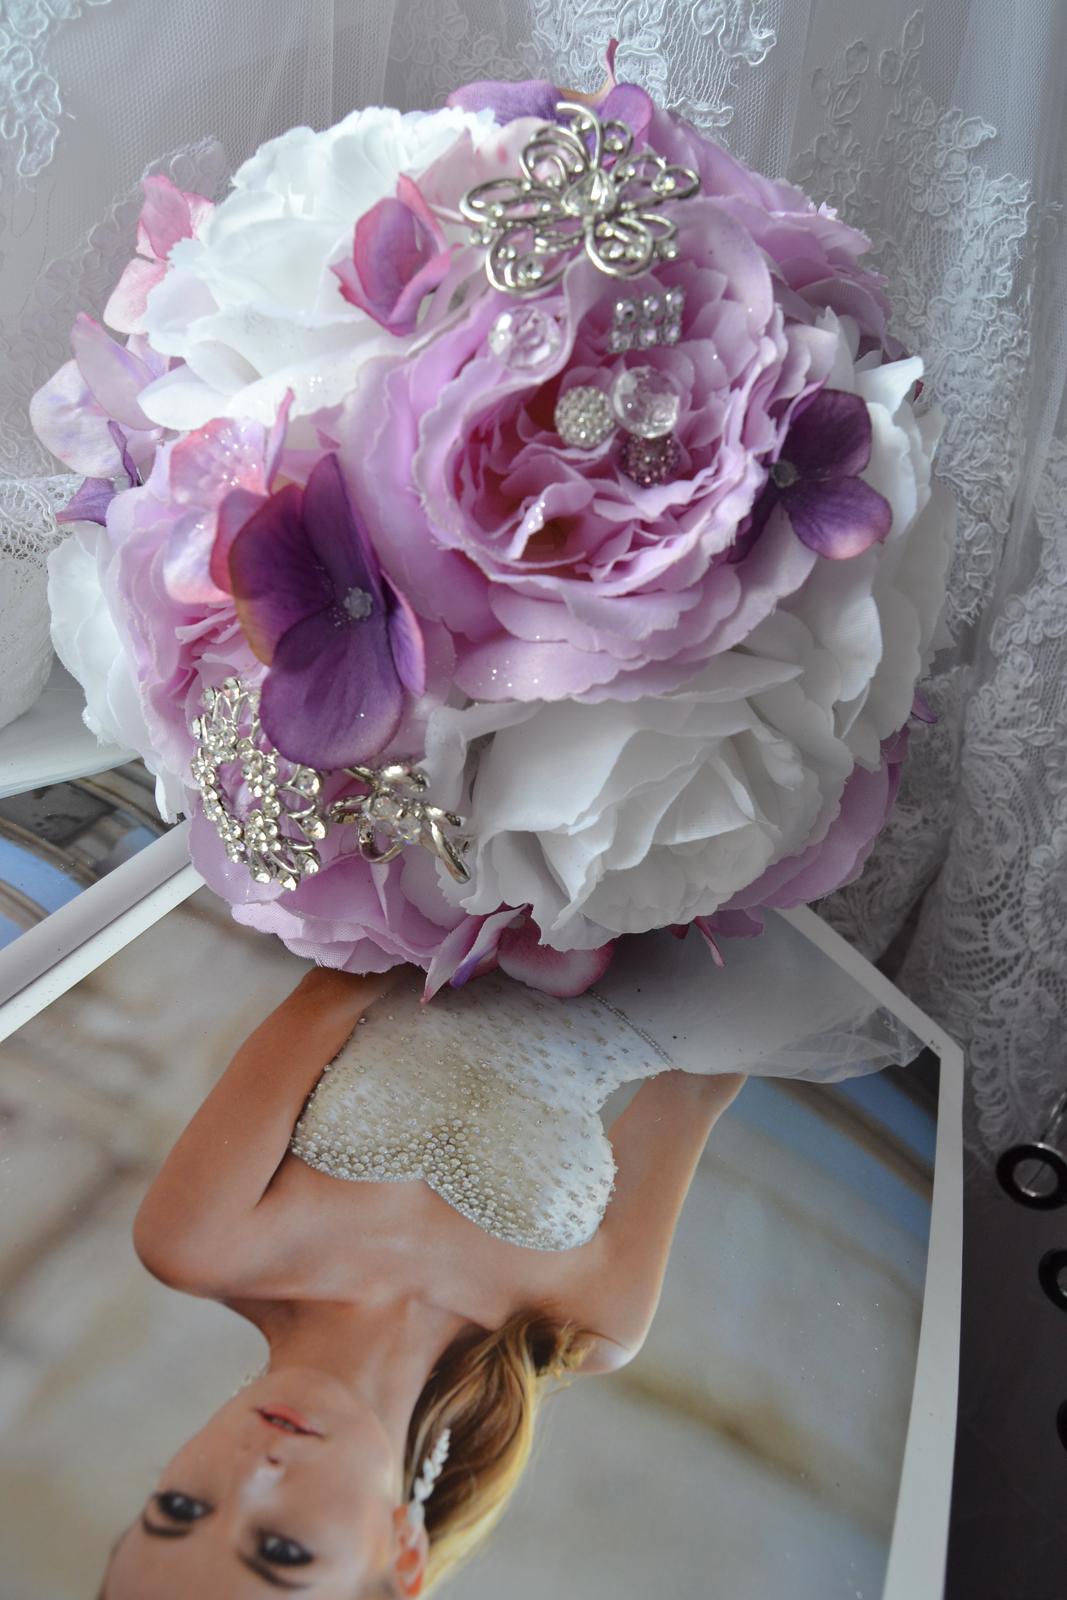 Látkové umělé svatební kytice-info - Obrázek č. 7